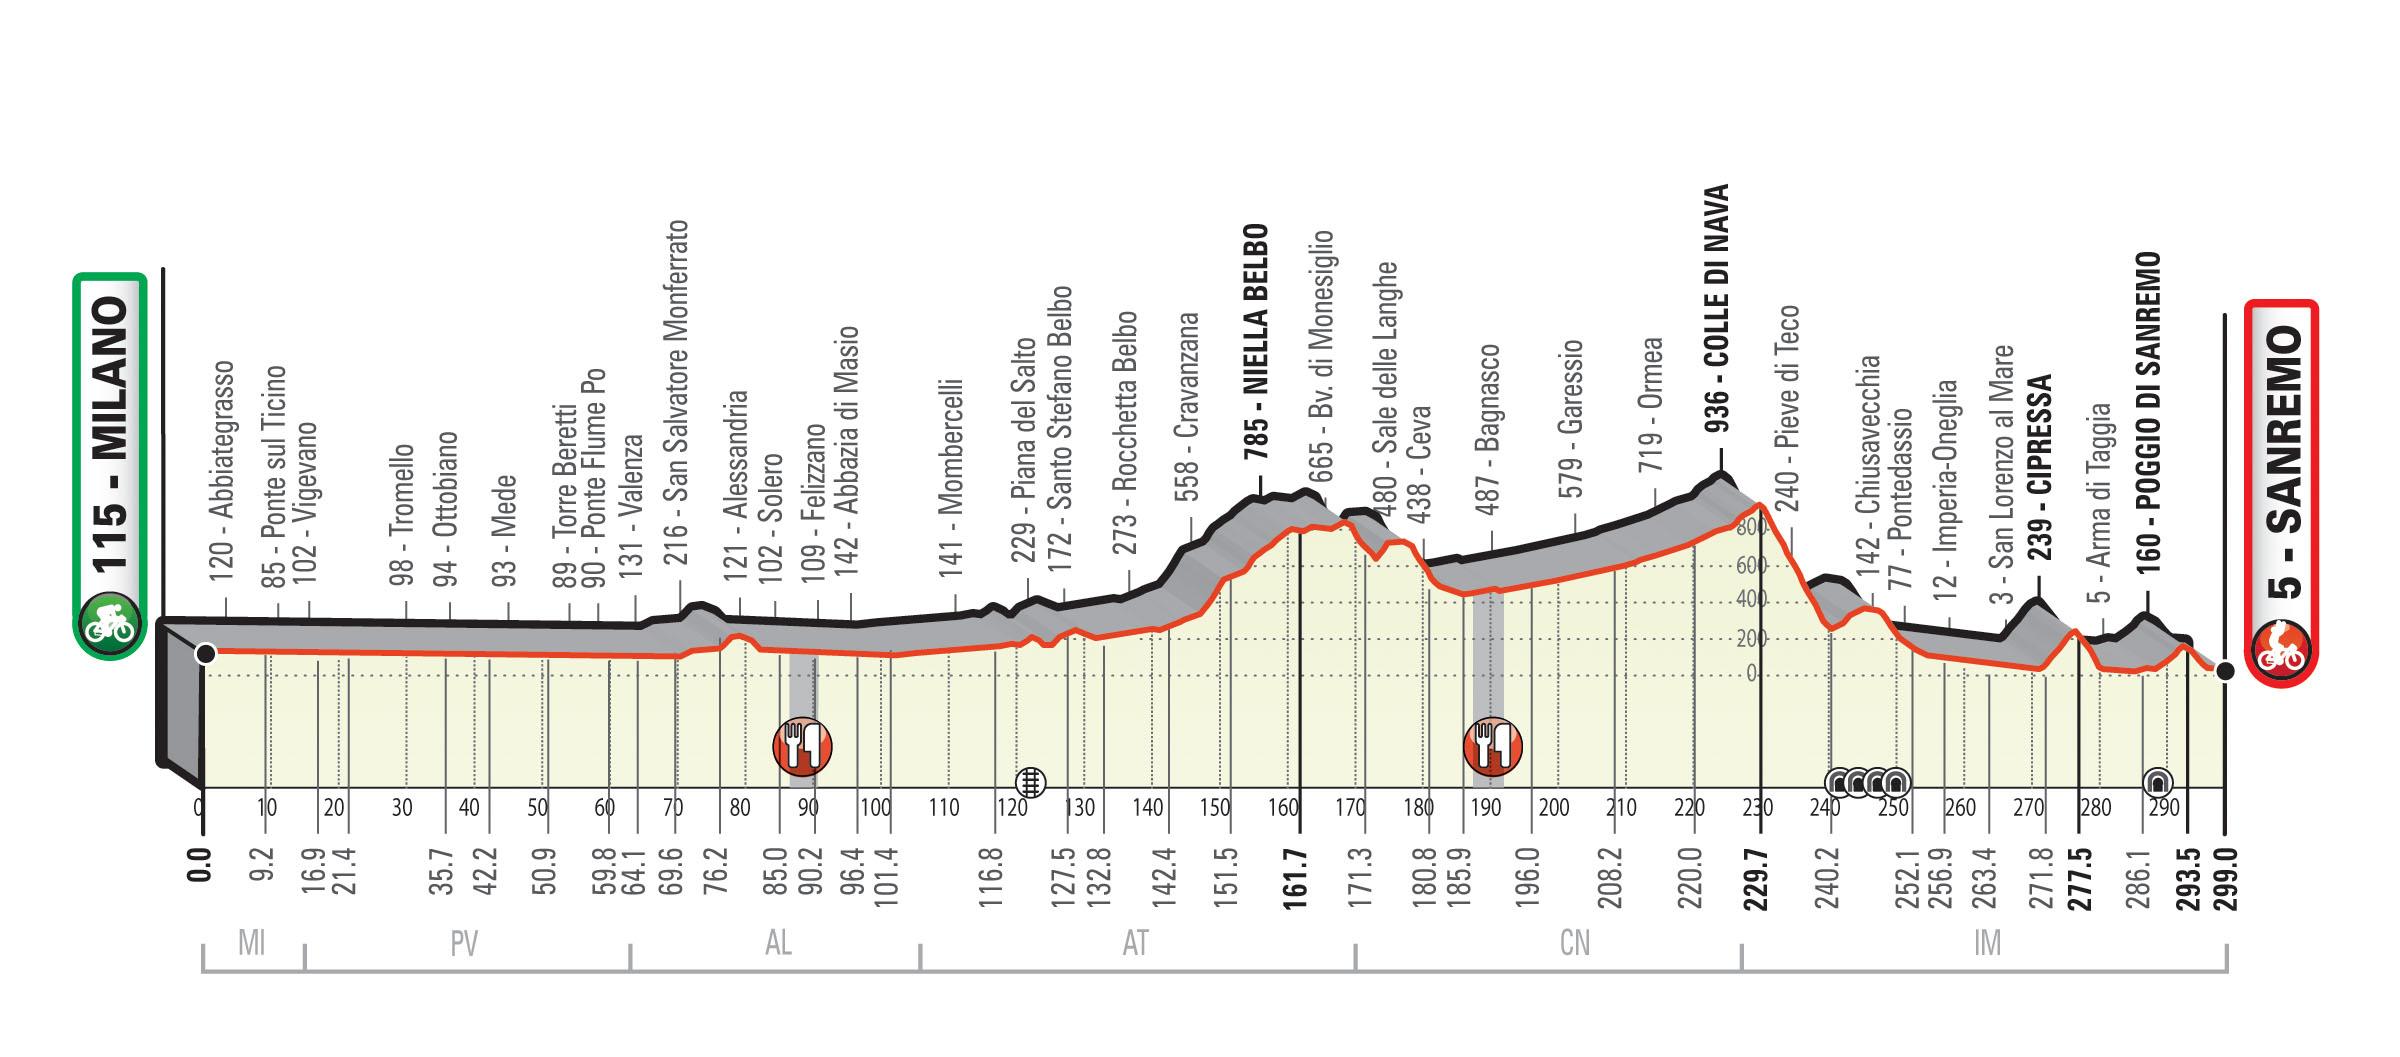 Perfil Milan San Remo 2020